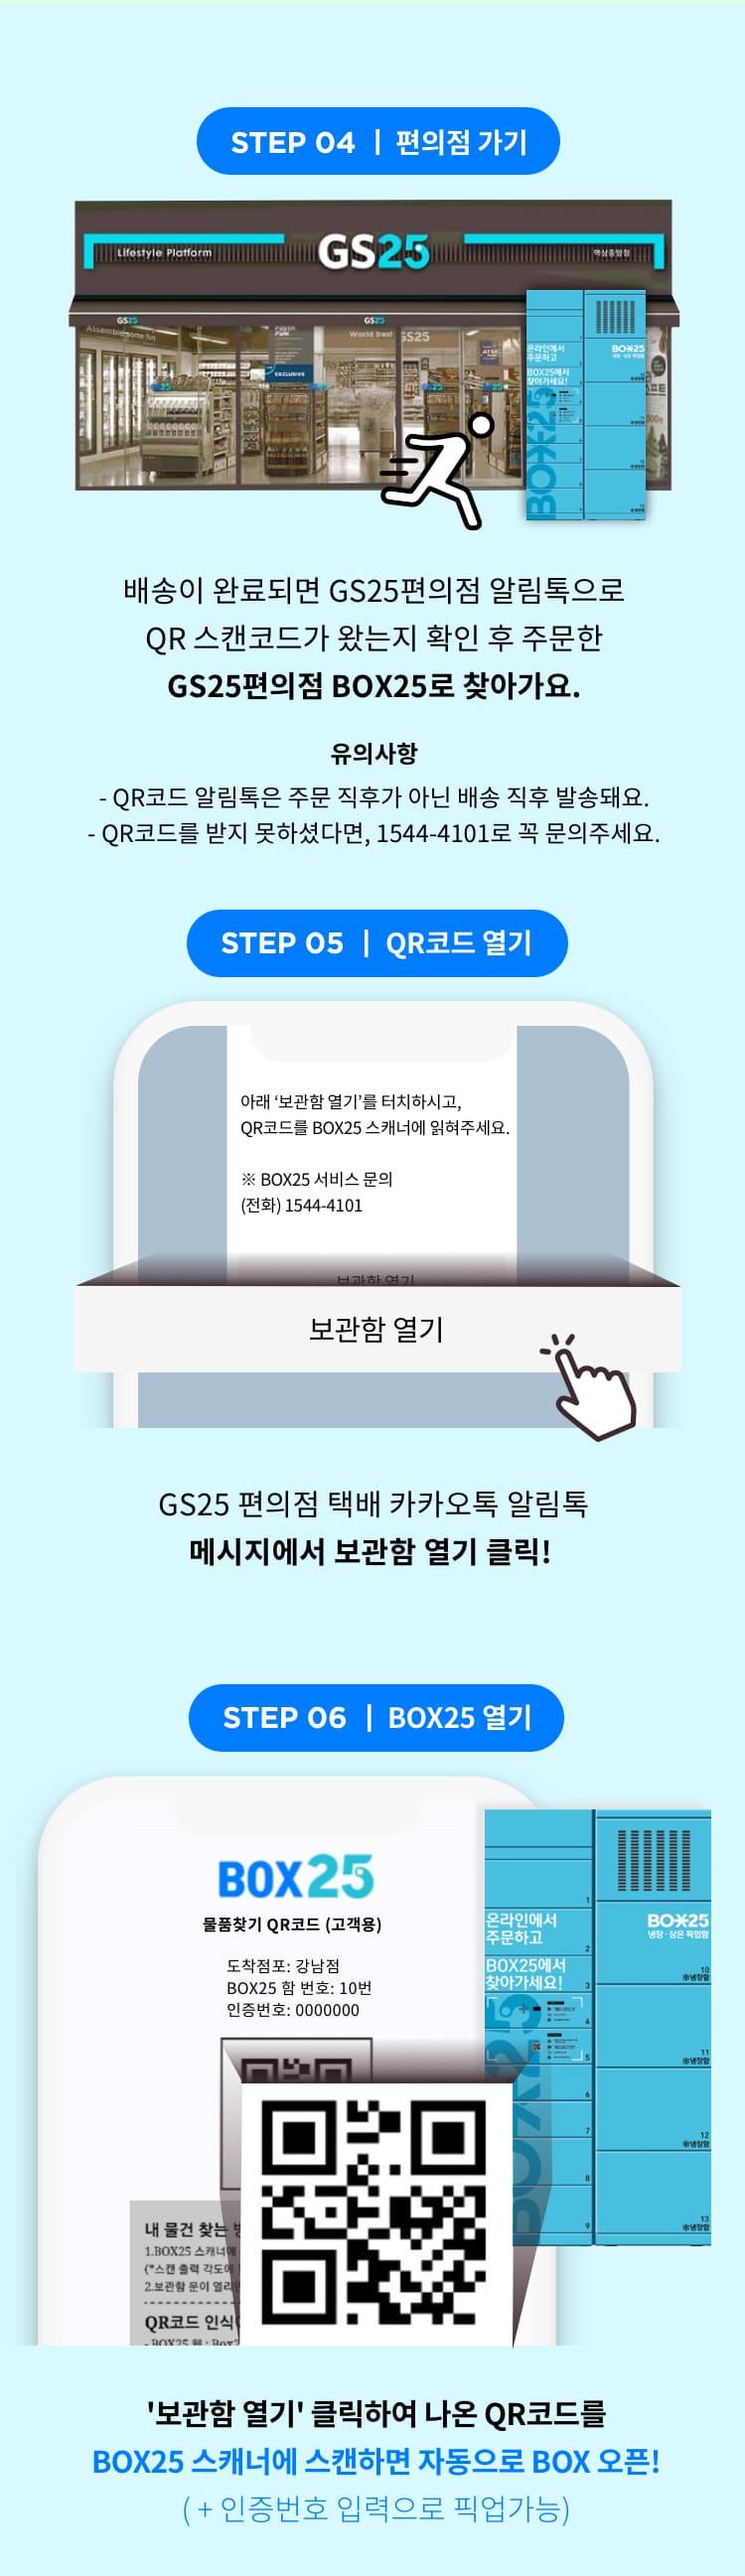 GS25 프코스팟 이용방법